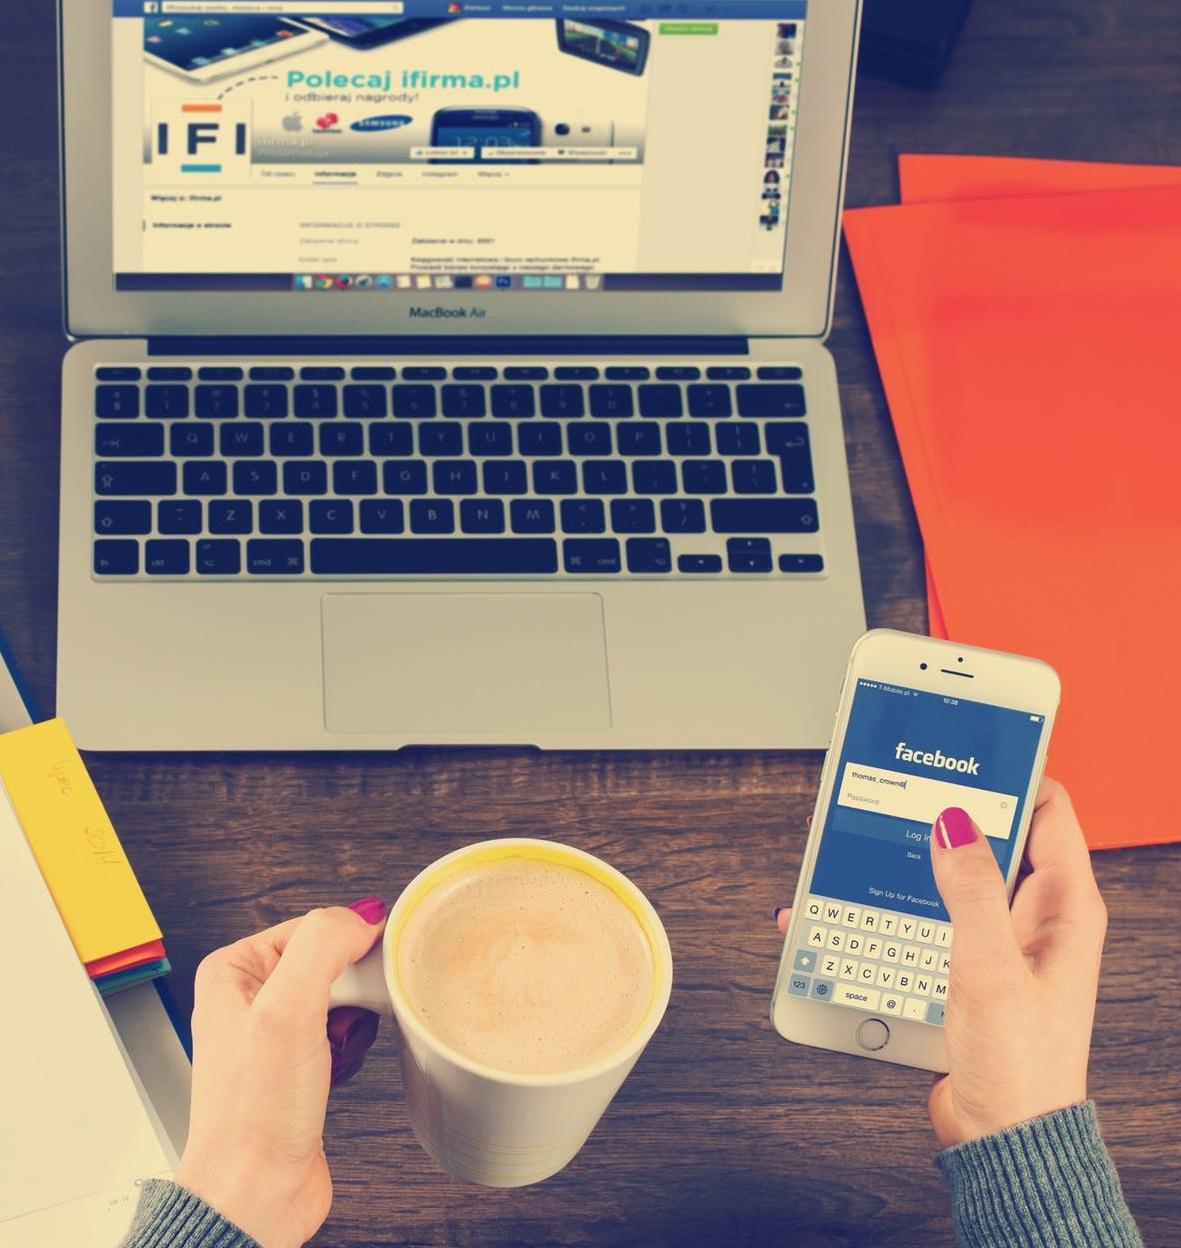 5 sposobów pozyskiwania klientów w sklepie internetowym, które musisz znać! - SEO blog